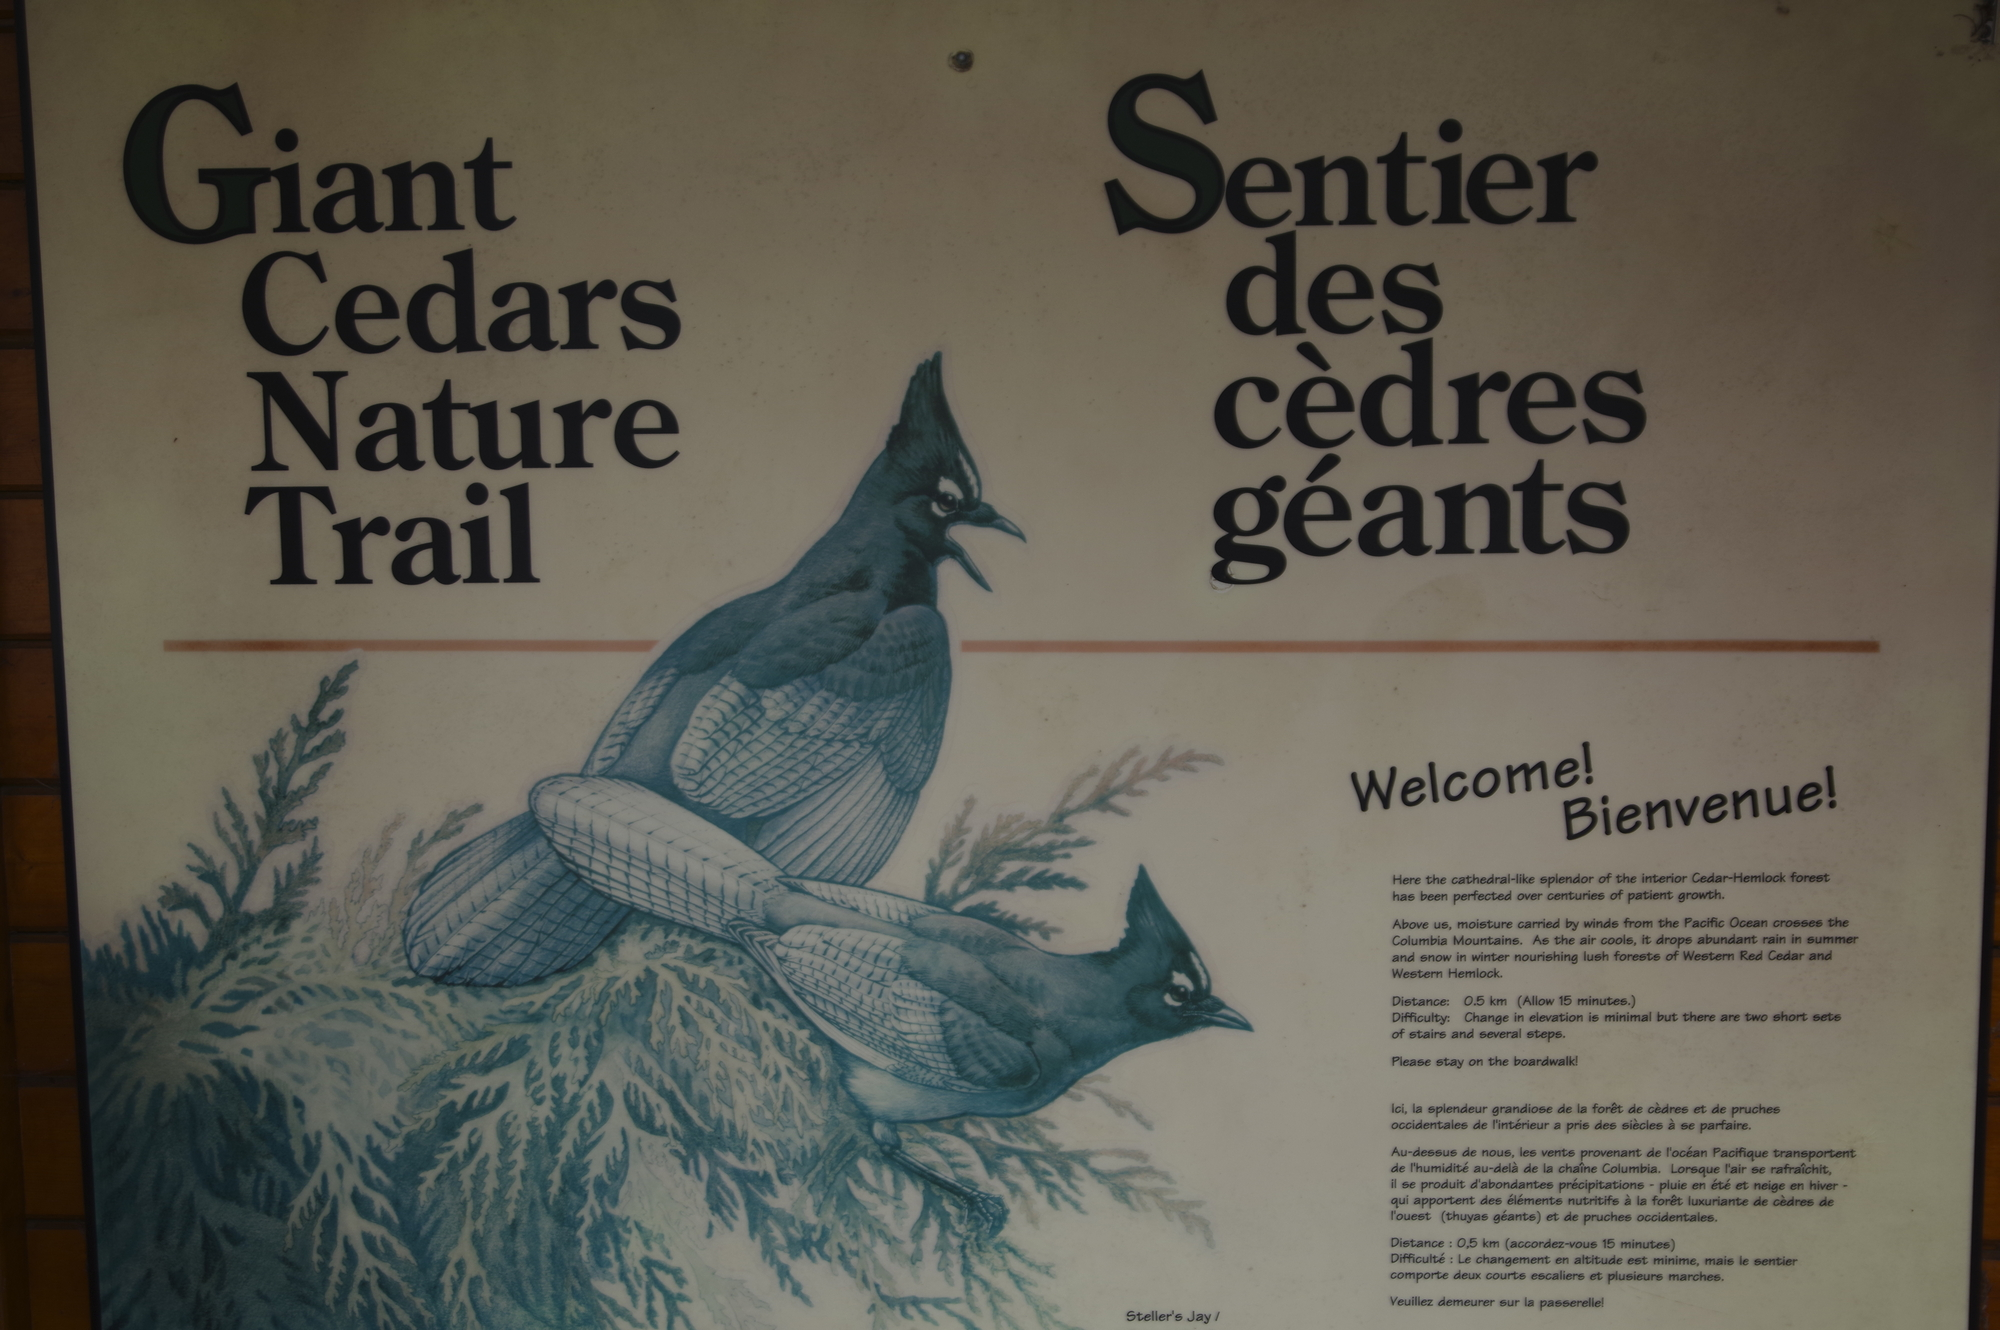 Sentier cêdre géants